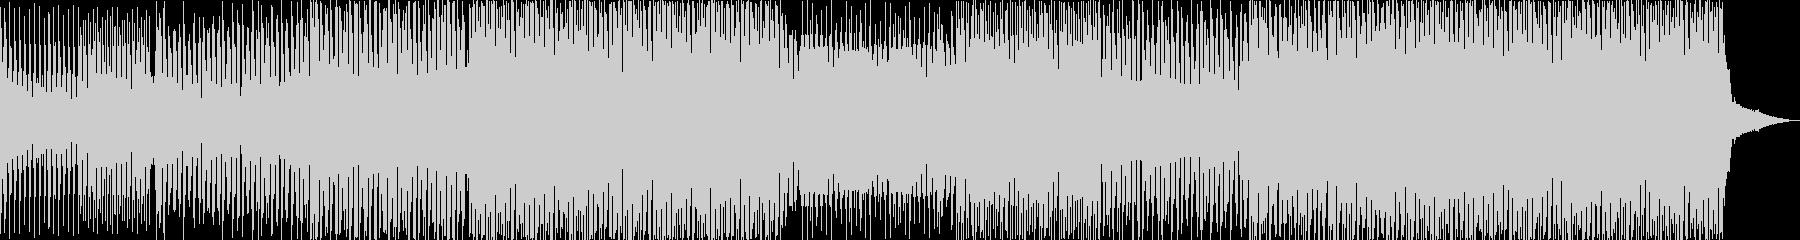 ダンスポップなBGMの未再生の波形